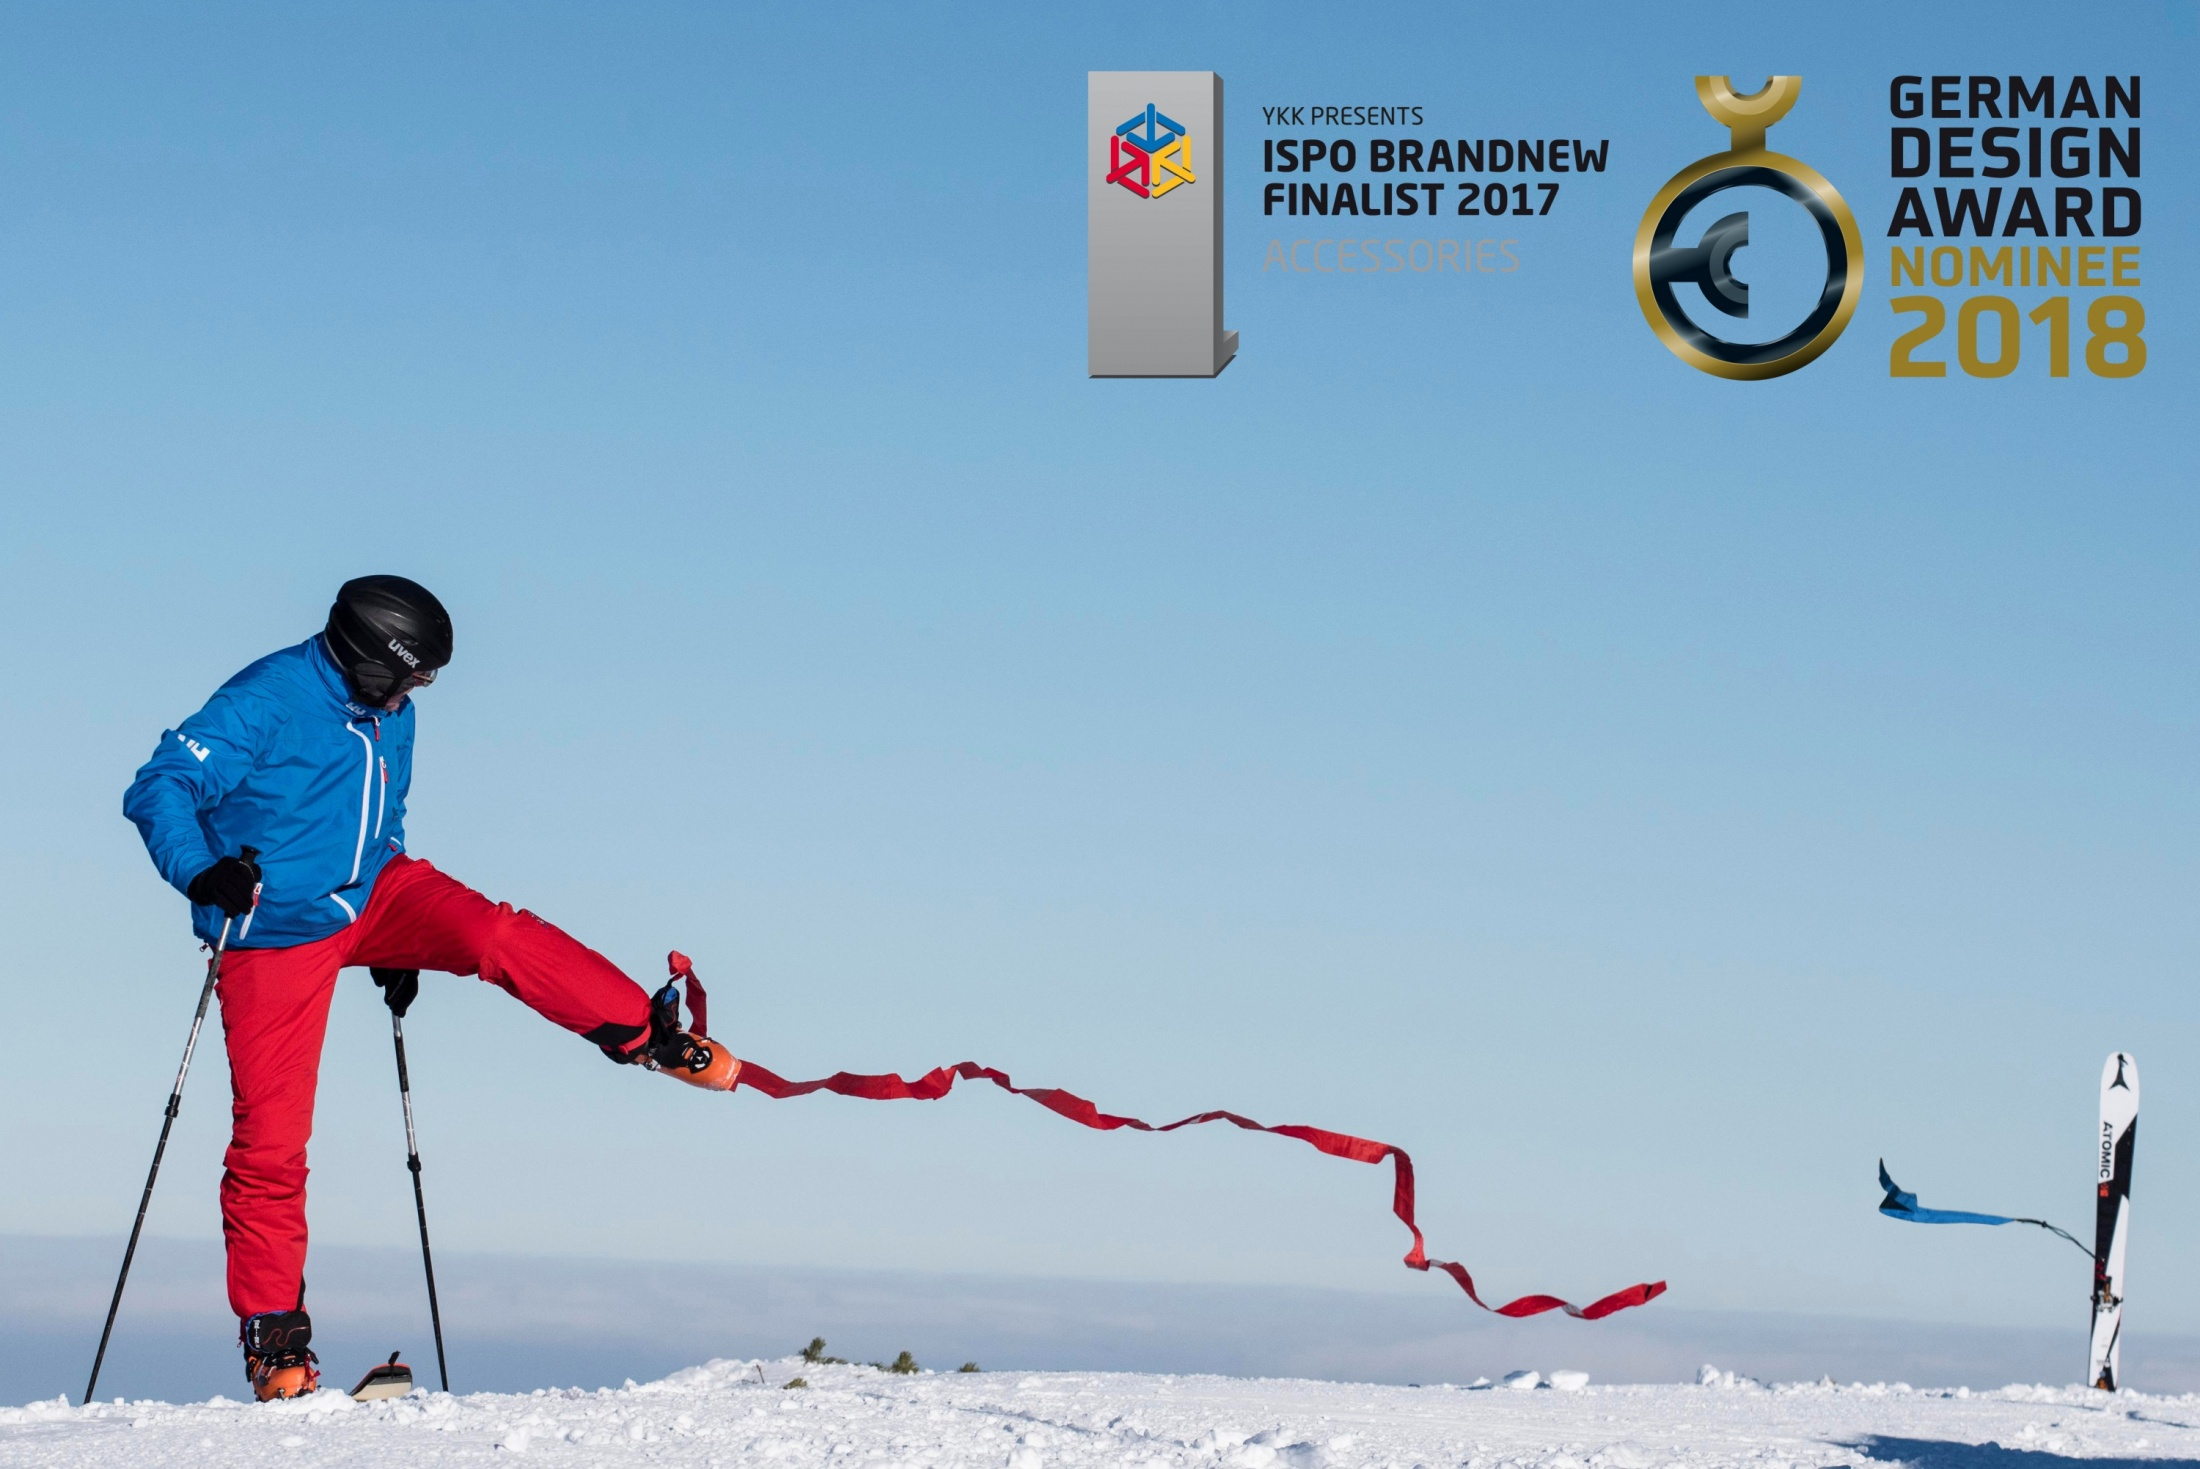 find---me Sollreisstelle verhindert Ankerwirkung in Lawine und VErletzungen wenn Ski sich verhängt. Lawinenband Tiefschneeband